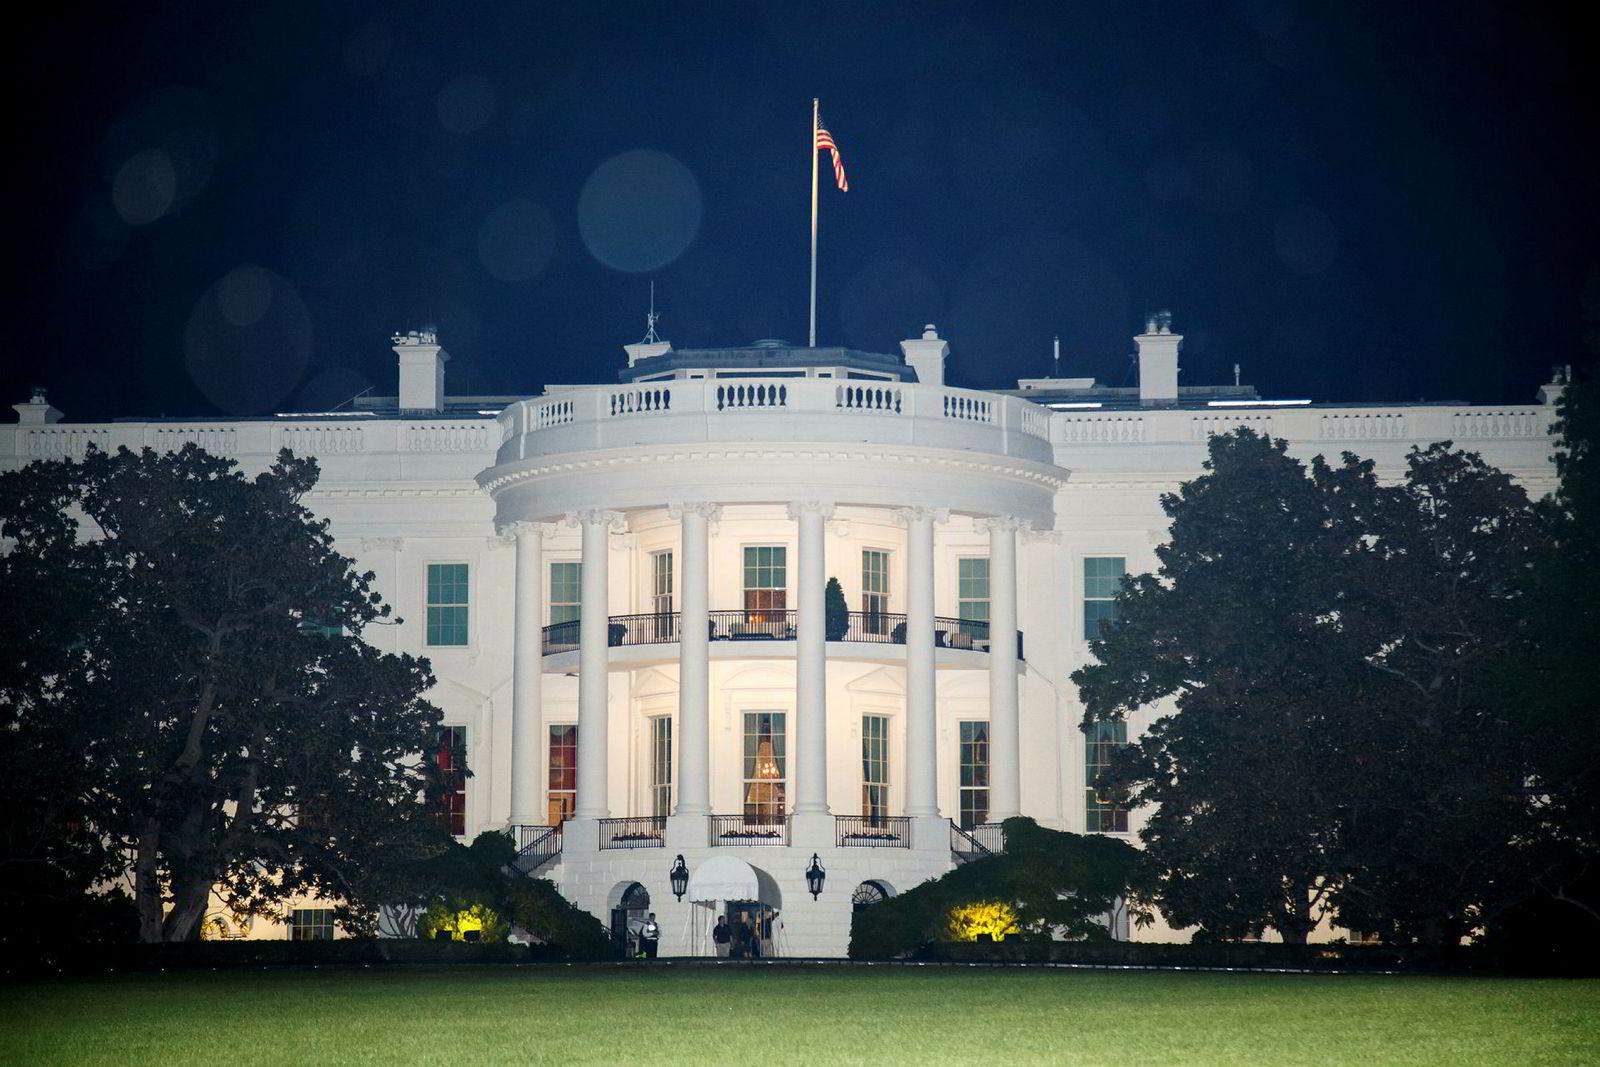 Nå erkjennes det også fra Det hvite hus at den delvis nedstengningen av statsapparatet i USA begynner å svi økonomisk.